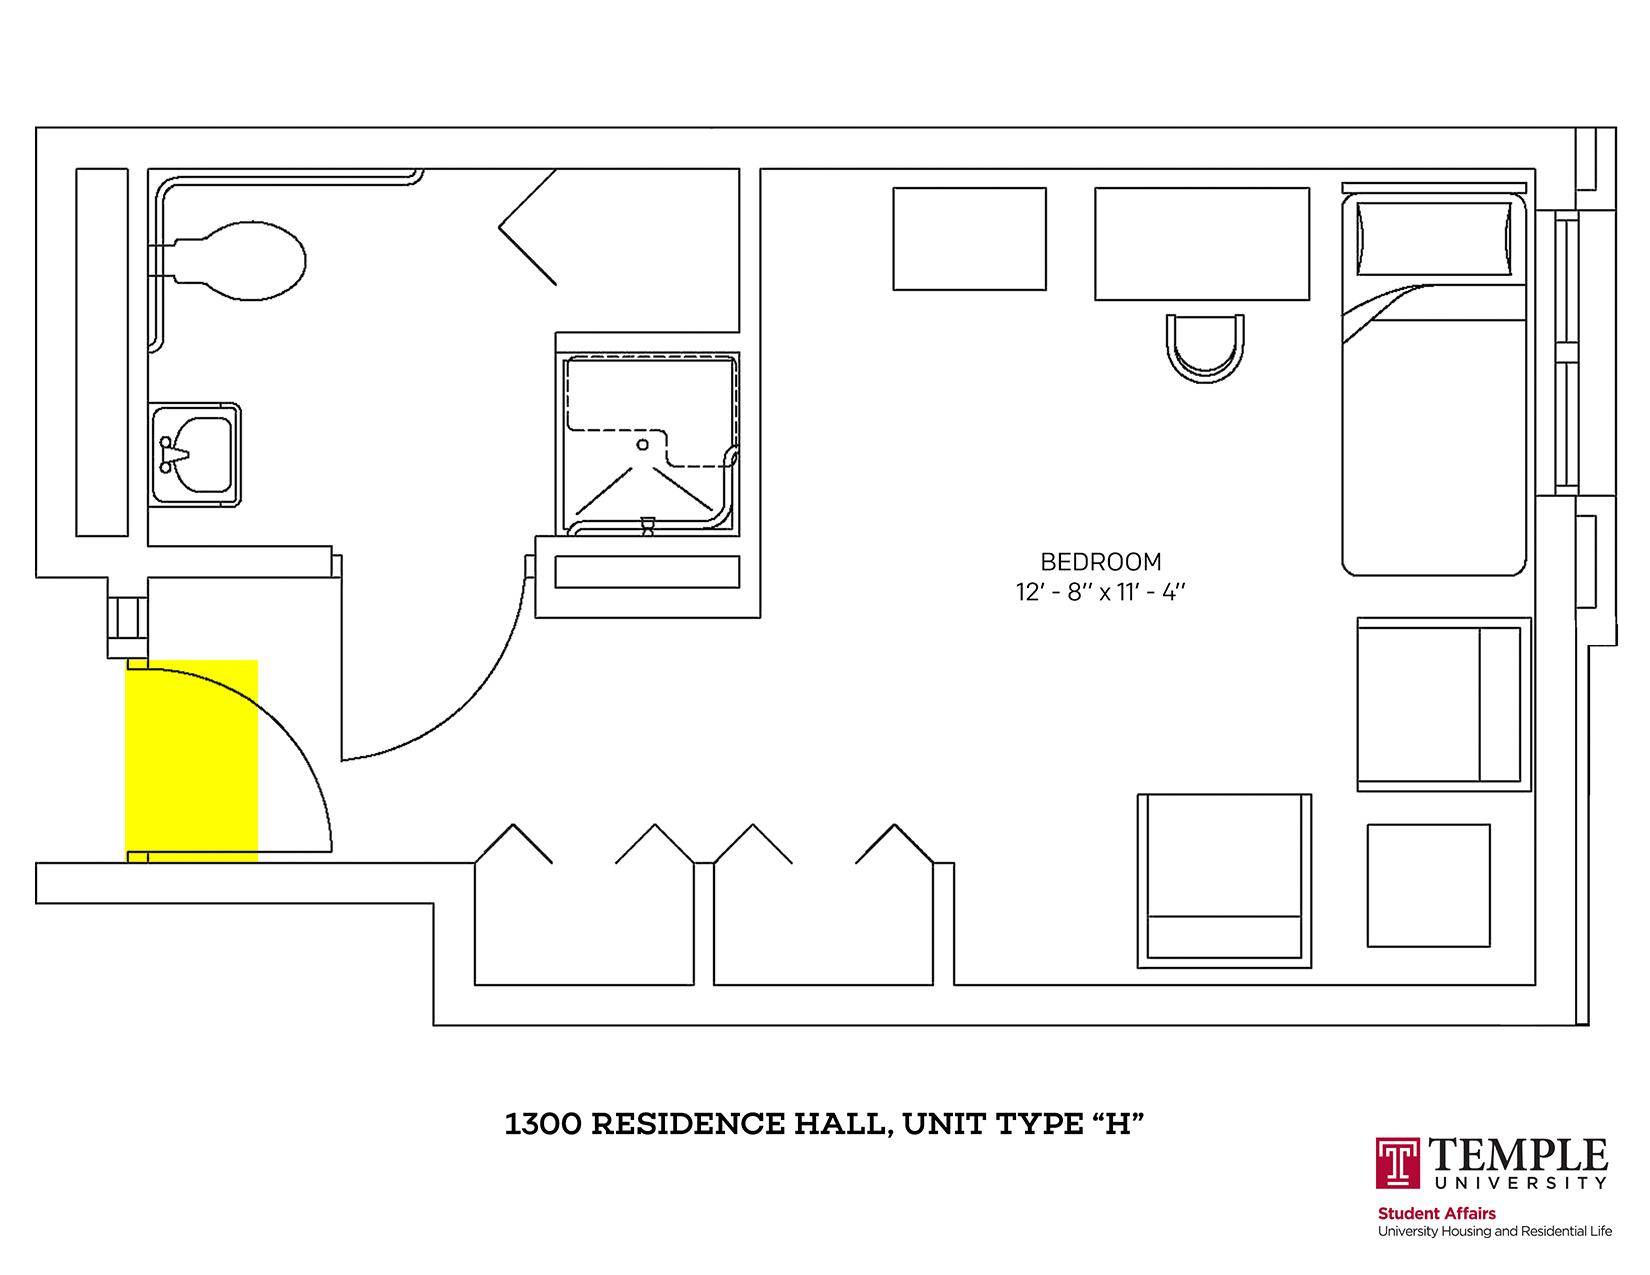 1300 Residence Hall